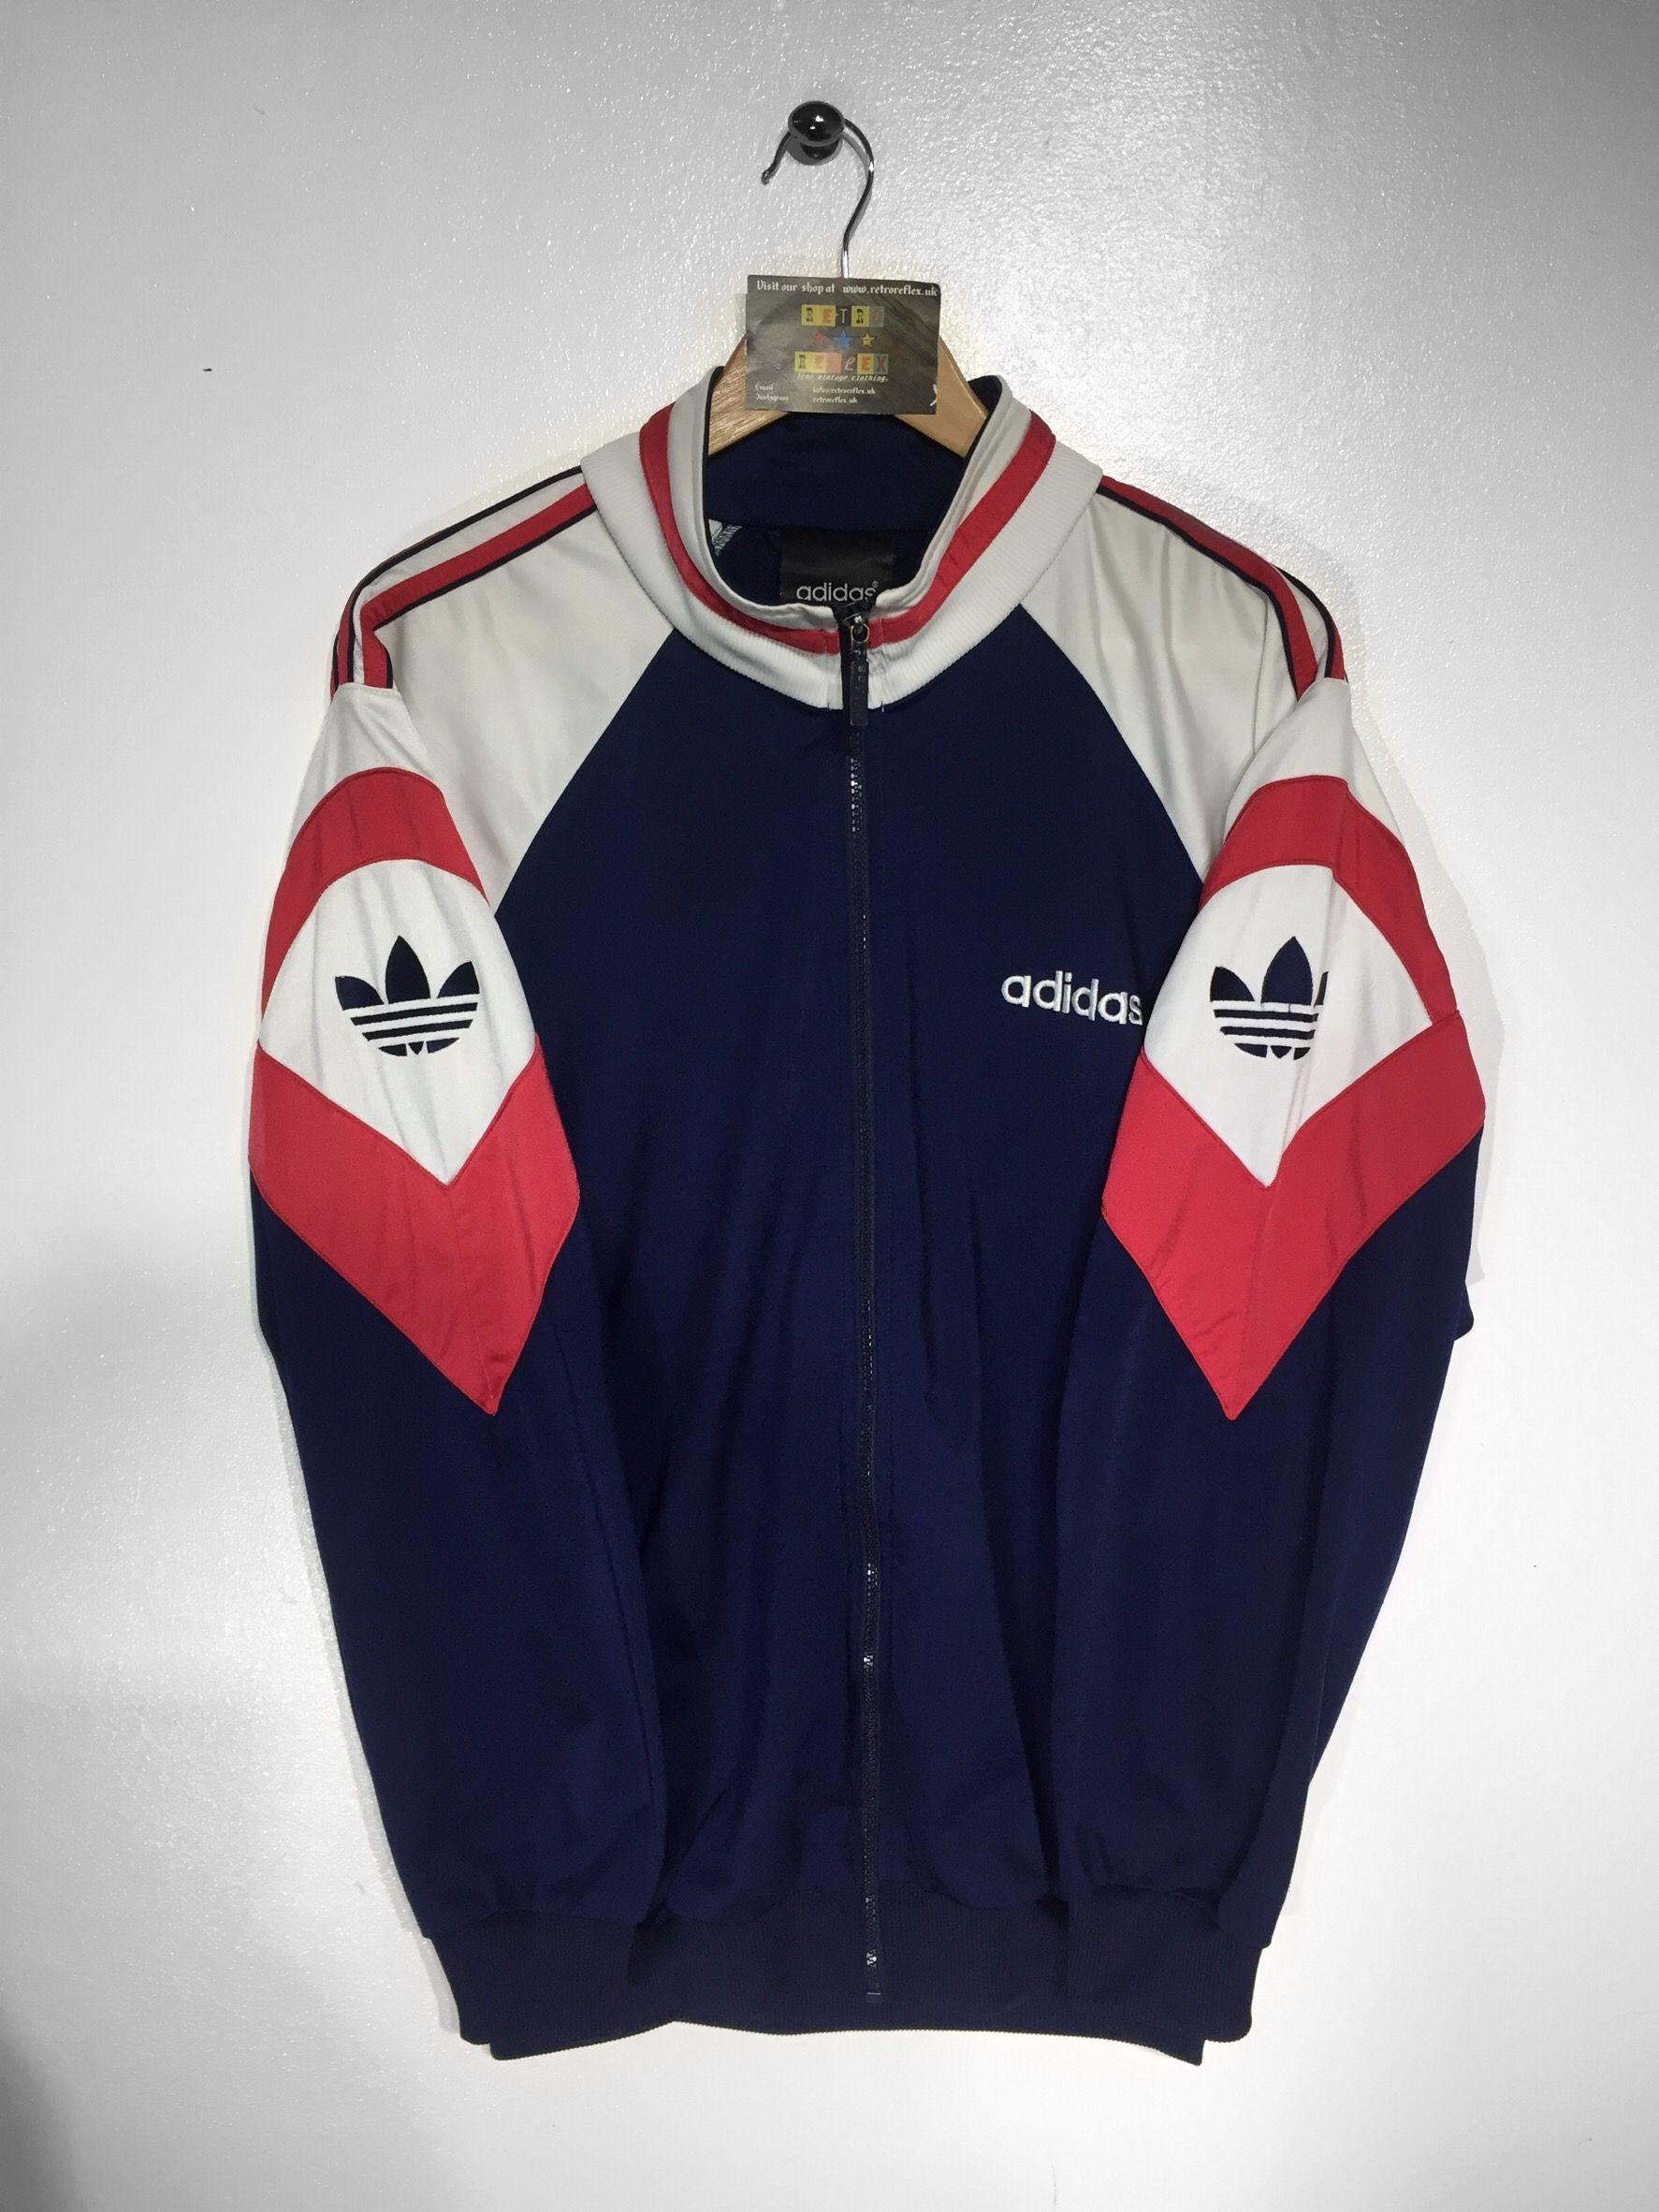 True Vintage Adidas Trainingsjacke Sportanzug Oldschool